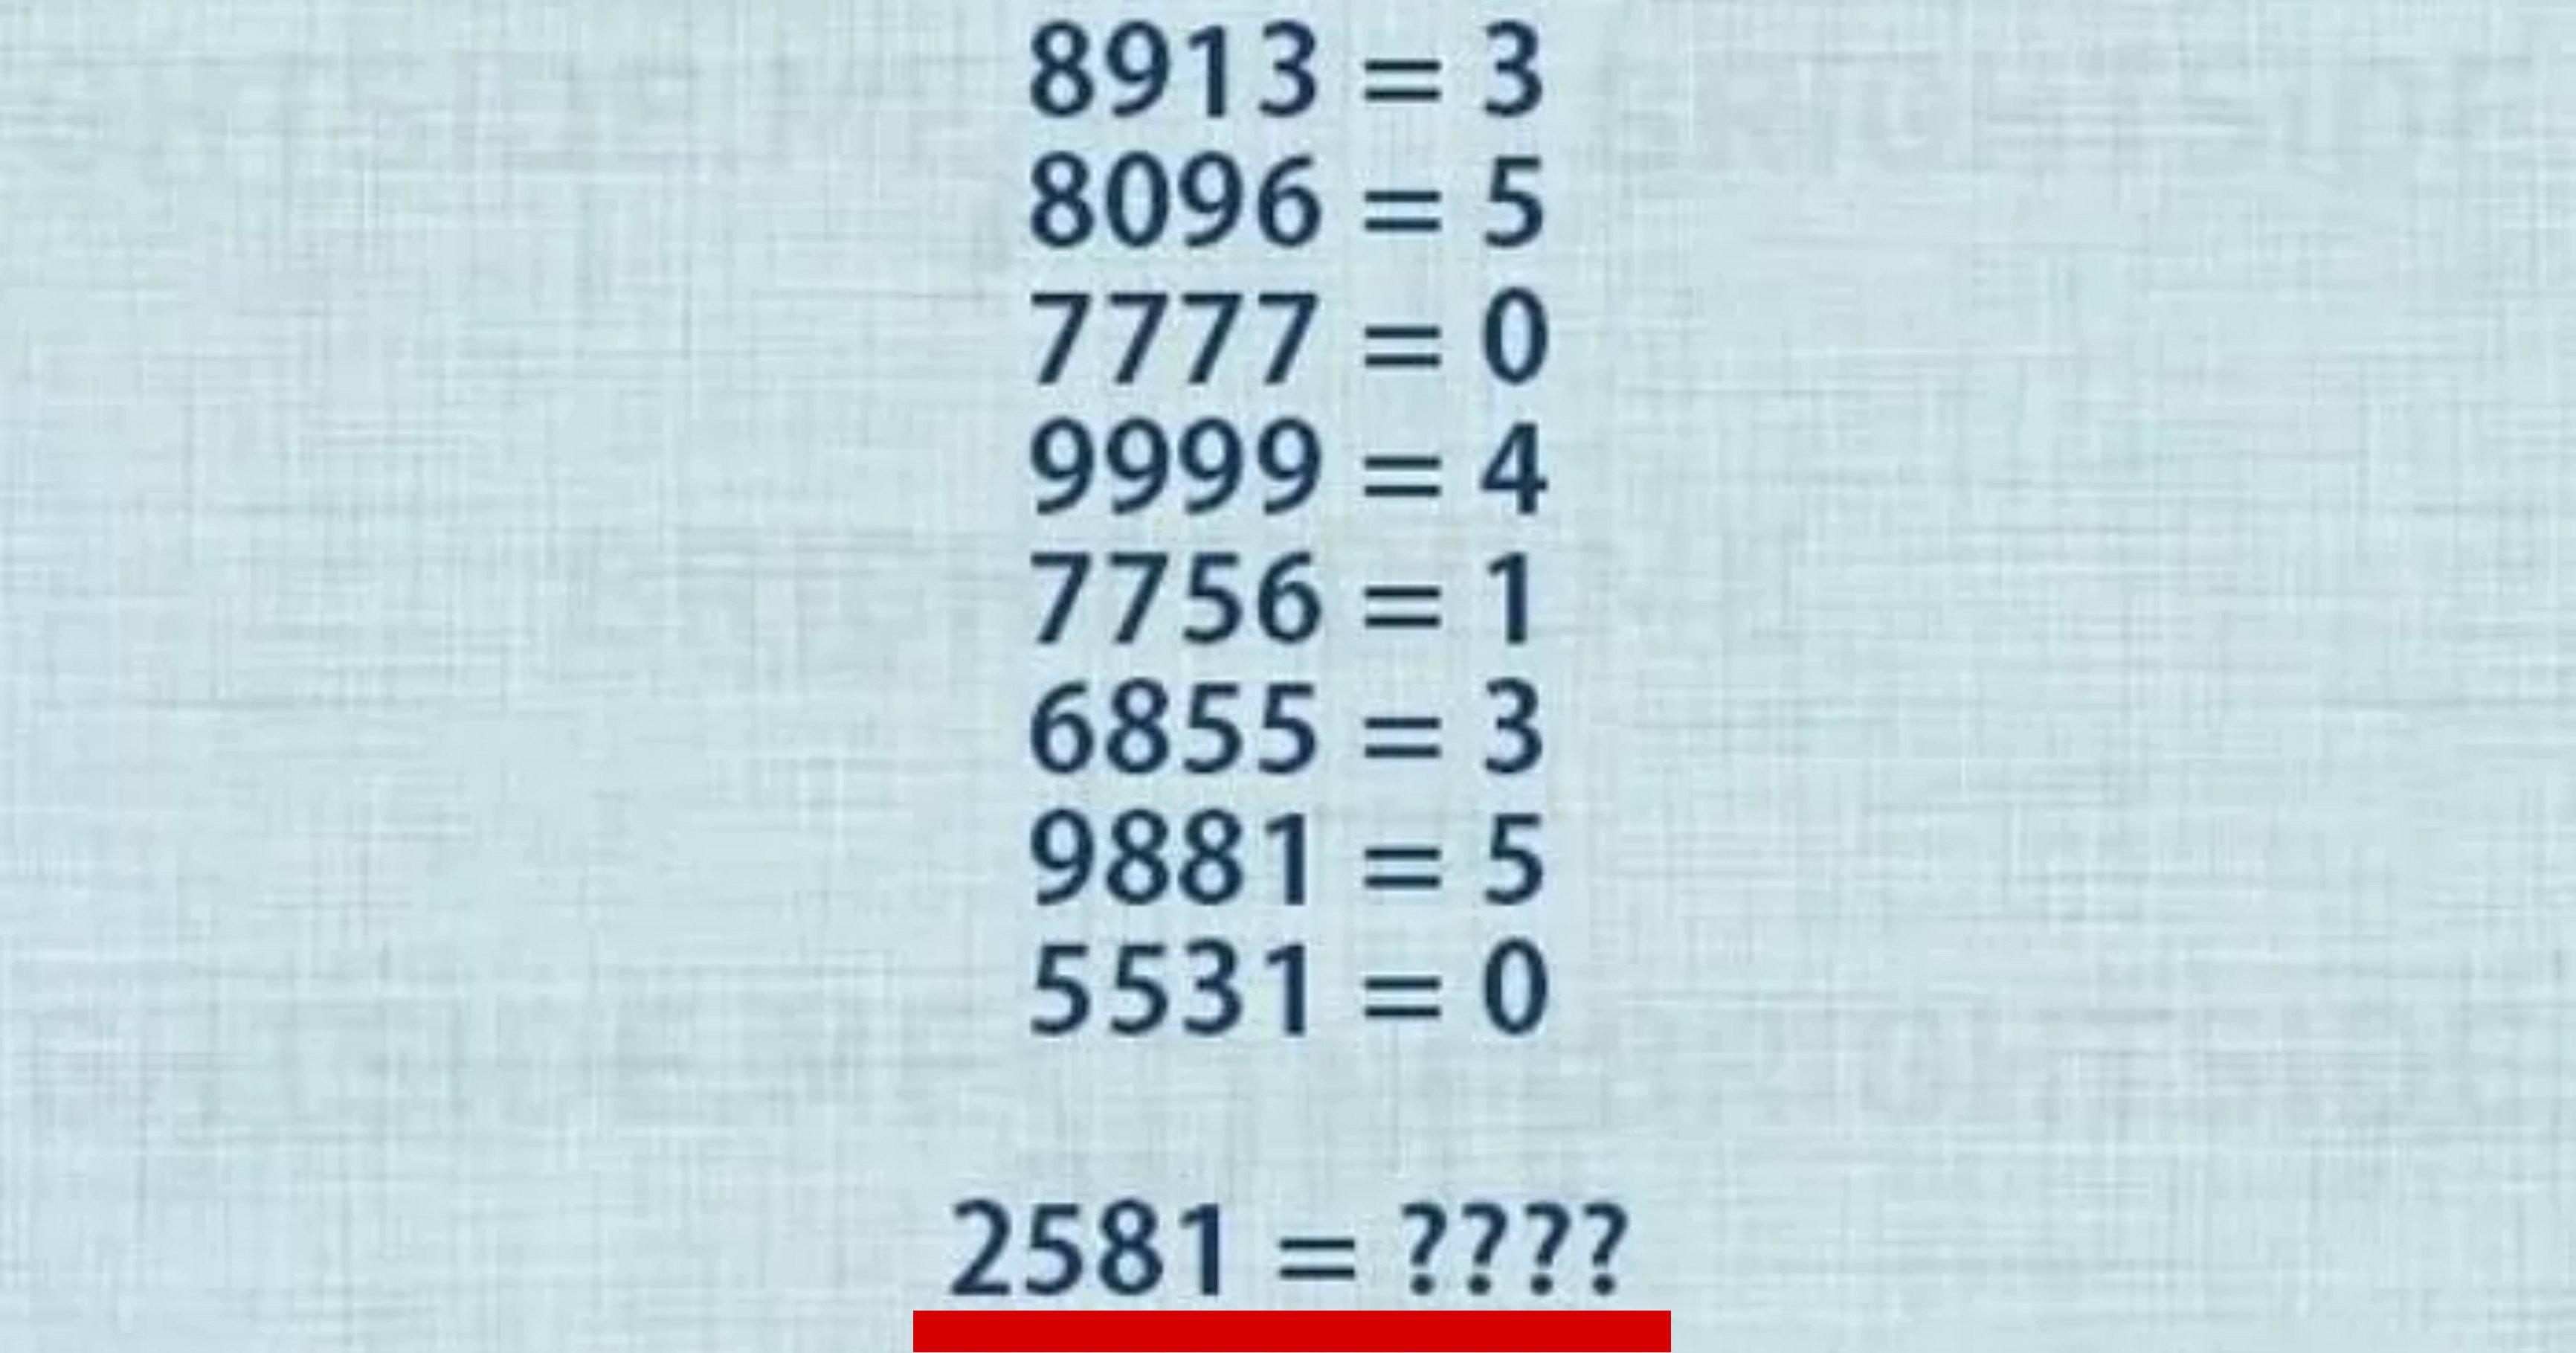 5c6b6627 8e86 45db 9091 bab16a80e7f3.jpeg?resize=1200,630 - '성인'은 절대 정답 못 맞히는데 초등학생은 보자마자 푼다는 고난이도 '수학 문제'